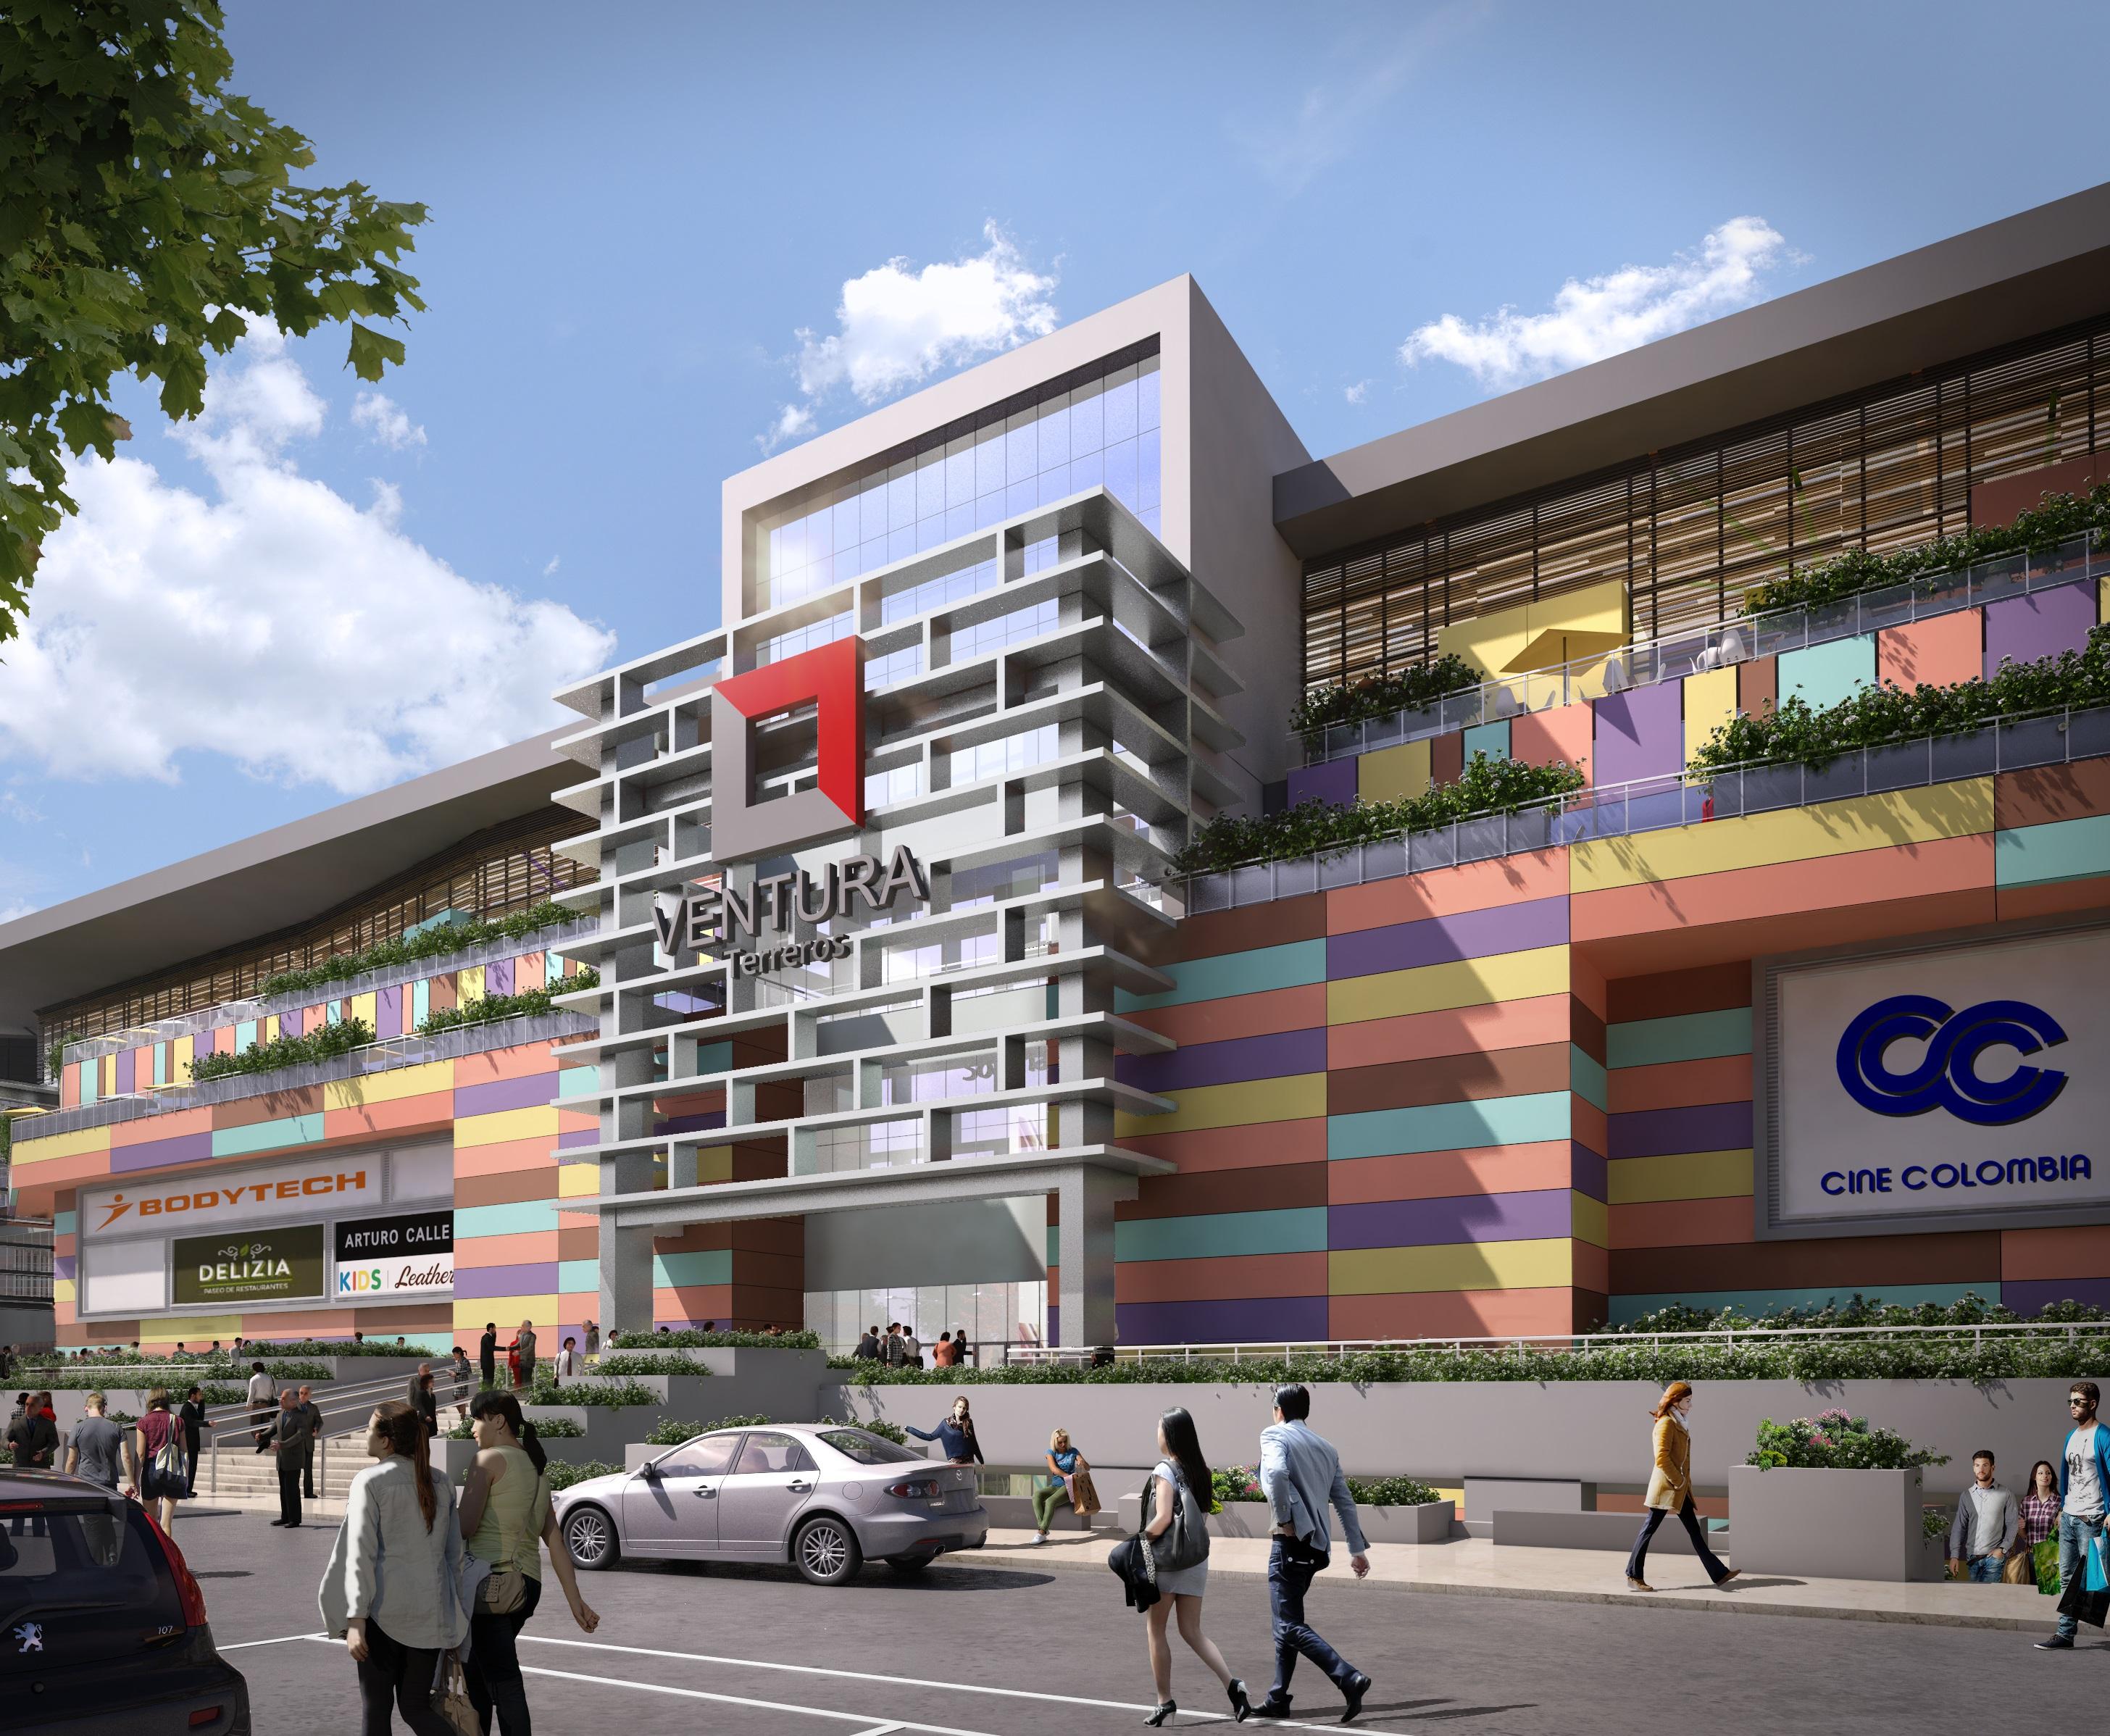 Centro comercial ventura terreros la nueva oferta - La illa centro comercial ...